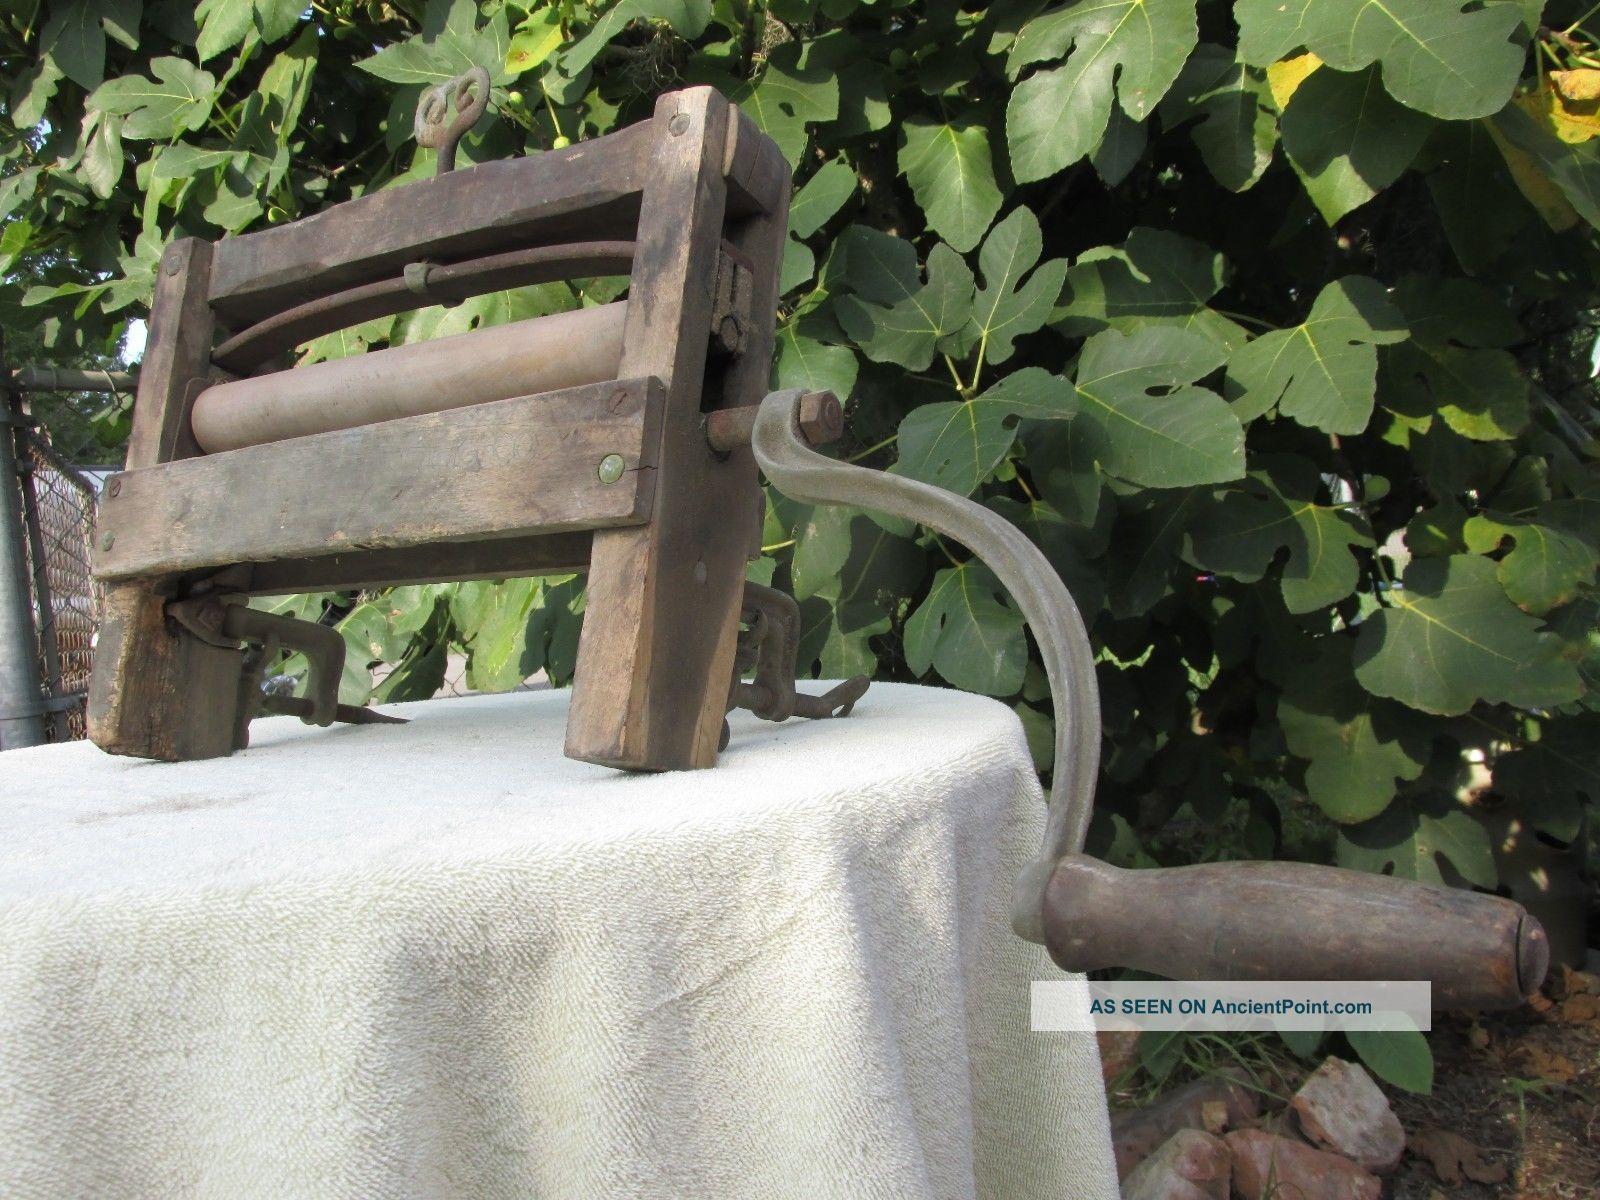 Antique Hand Crank Clothes Wringer Laundry Washing Machine Vintage Wood Washing Machines photo